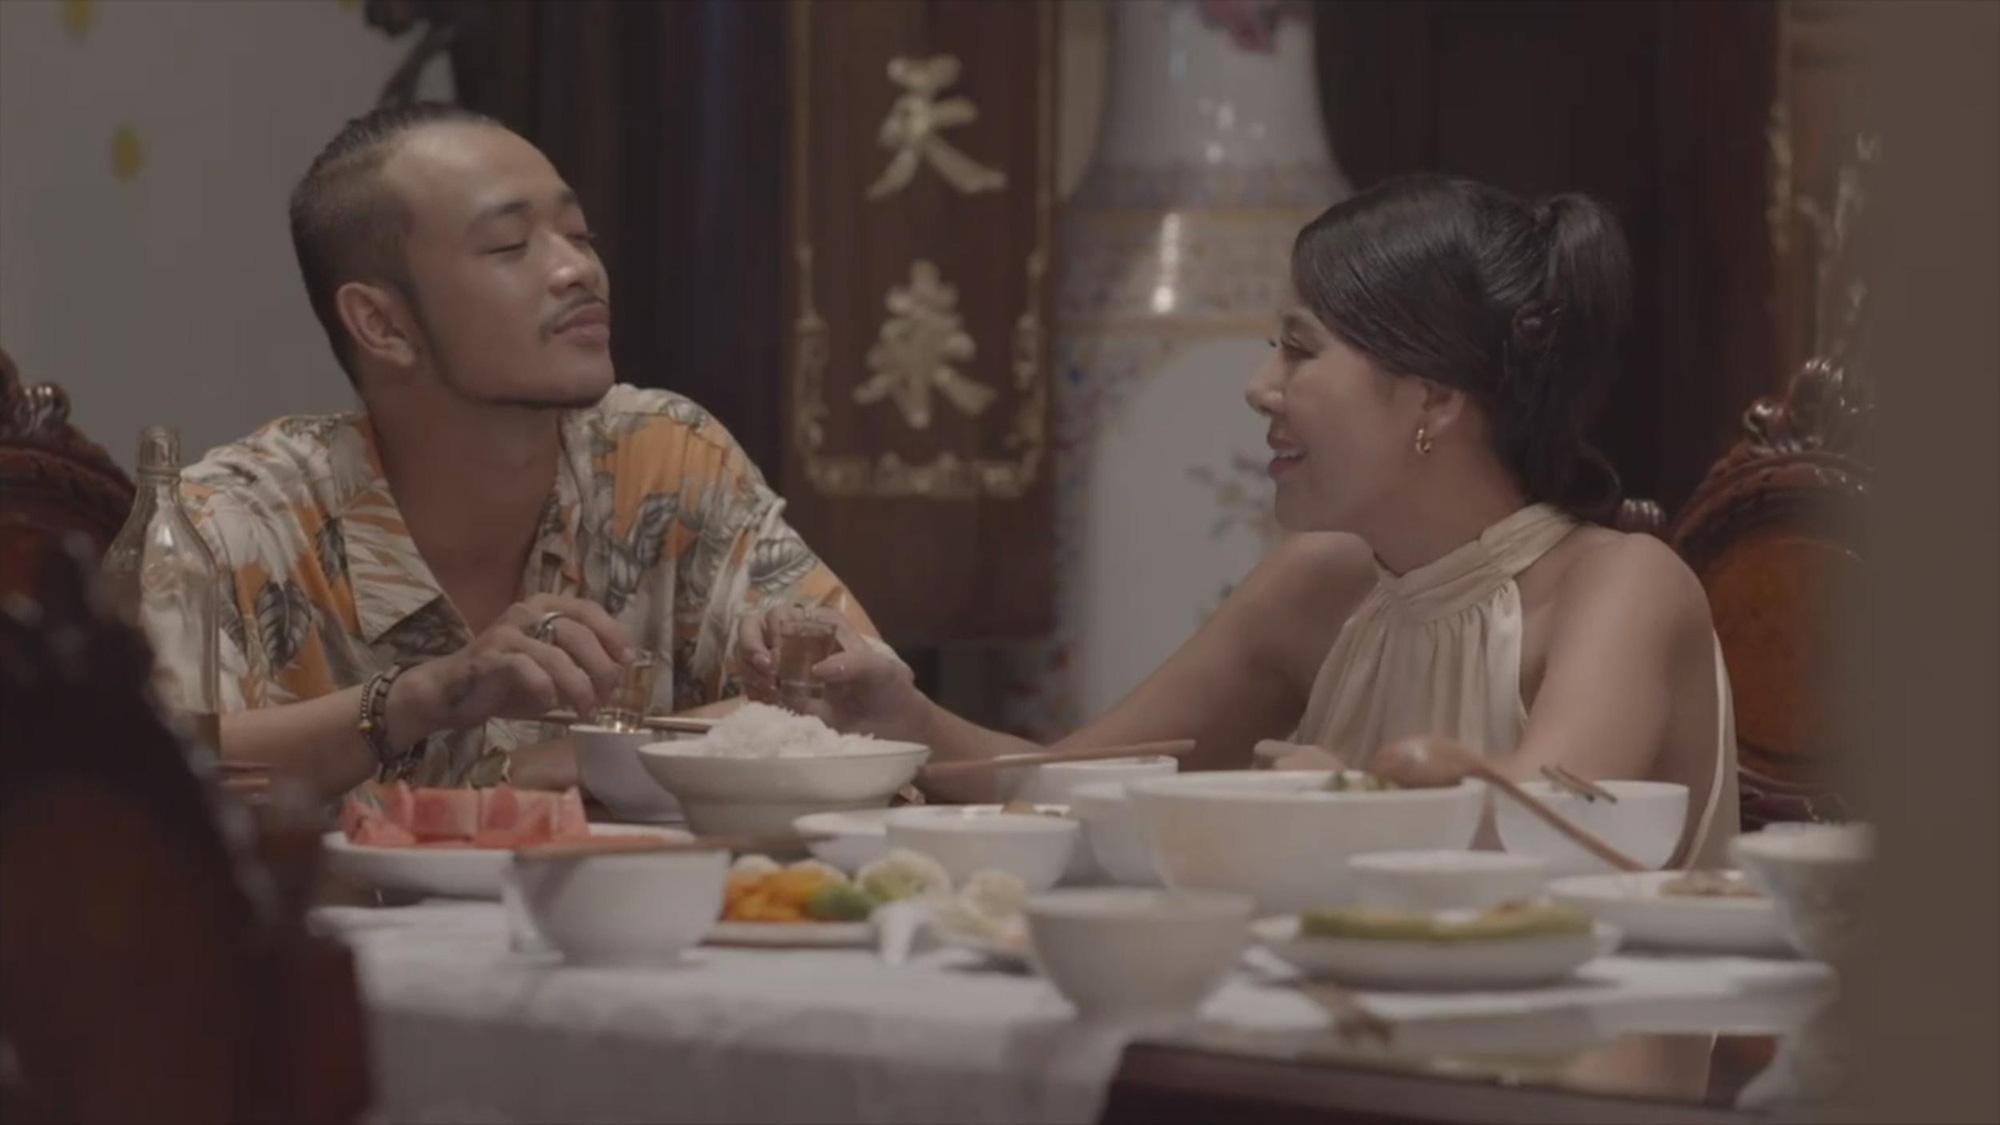 Chơi lớn, Liên Quân đồng hành cùng Nam Thư và các nghệ sĩ lớn trong phim hài Tết - Ảnh 4.